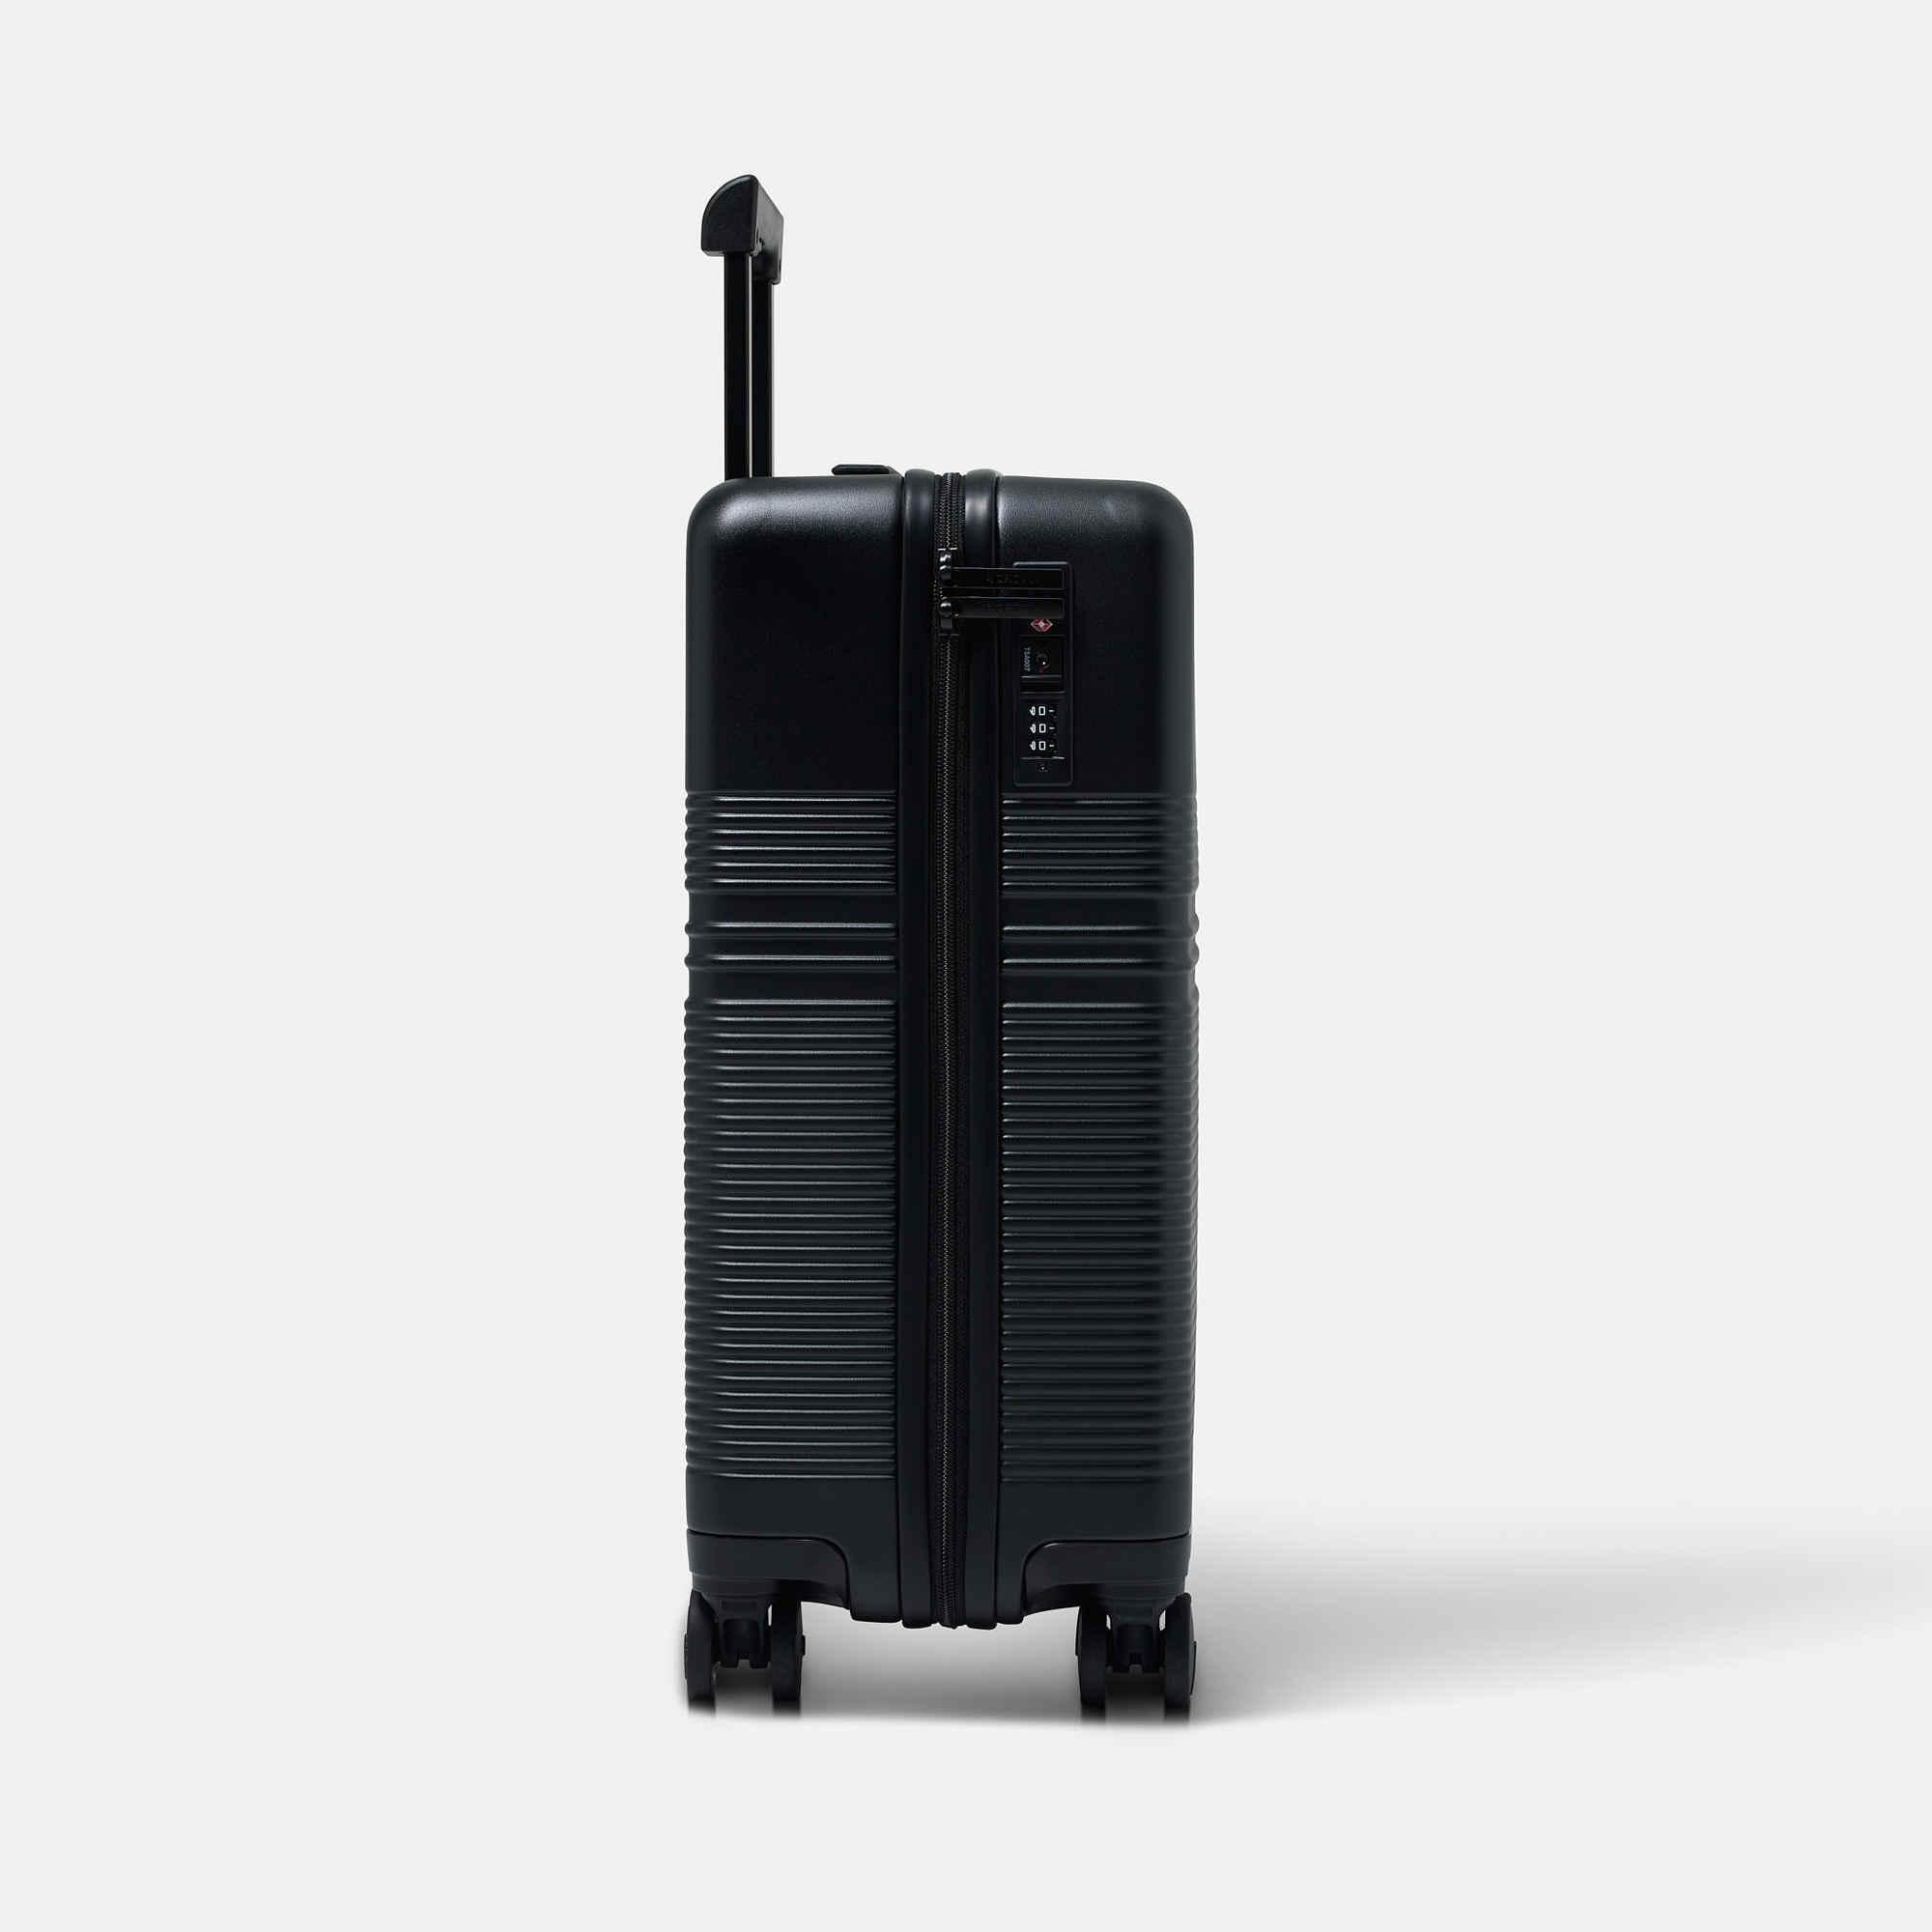 NORTVI sustainable design zwarte handbagage koffer, trolley suitcase gemaakt van duurzaam materiaal.